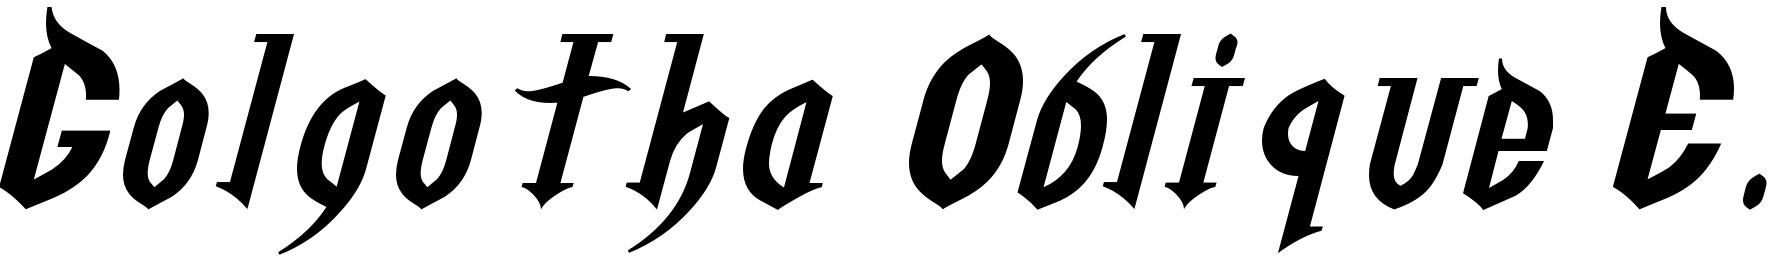 Golgotha Oblique E.